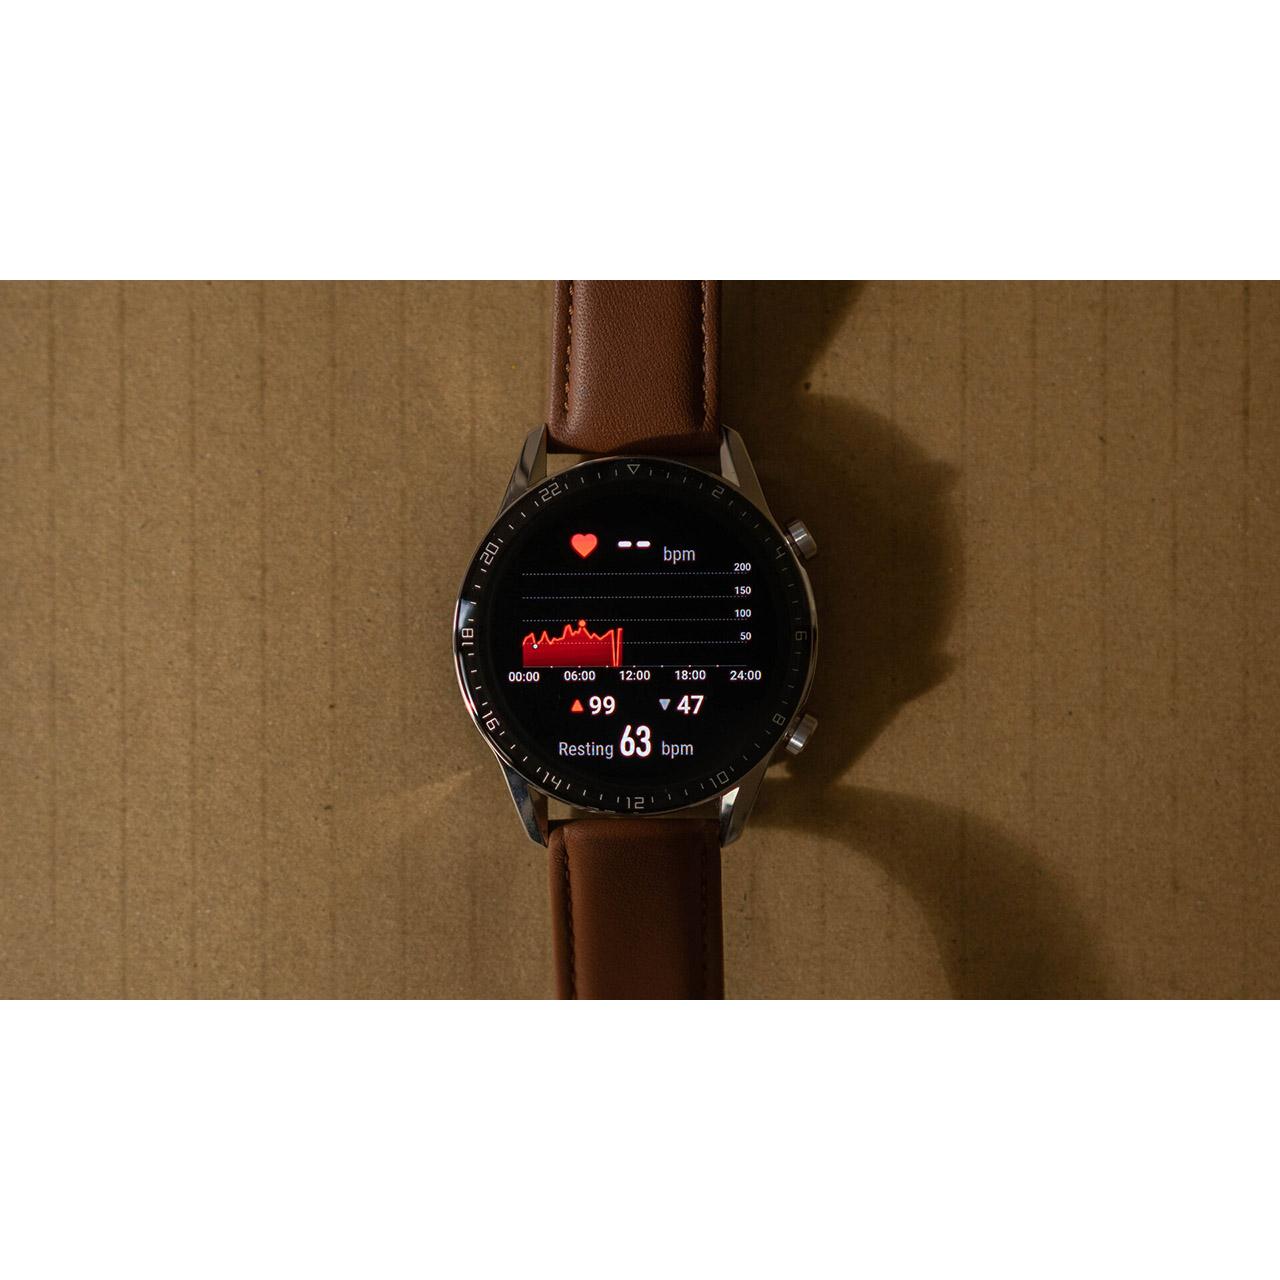 ساعت هوشمند هوآوی مدل WATCH GT 2 LTN-B19 46 mm main 1 24